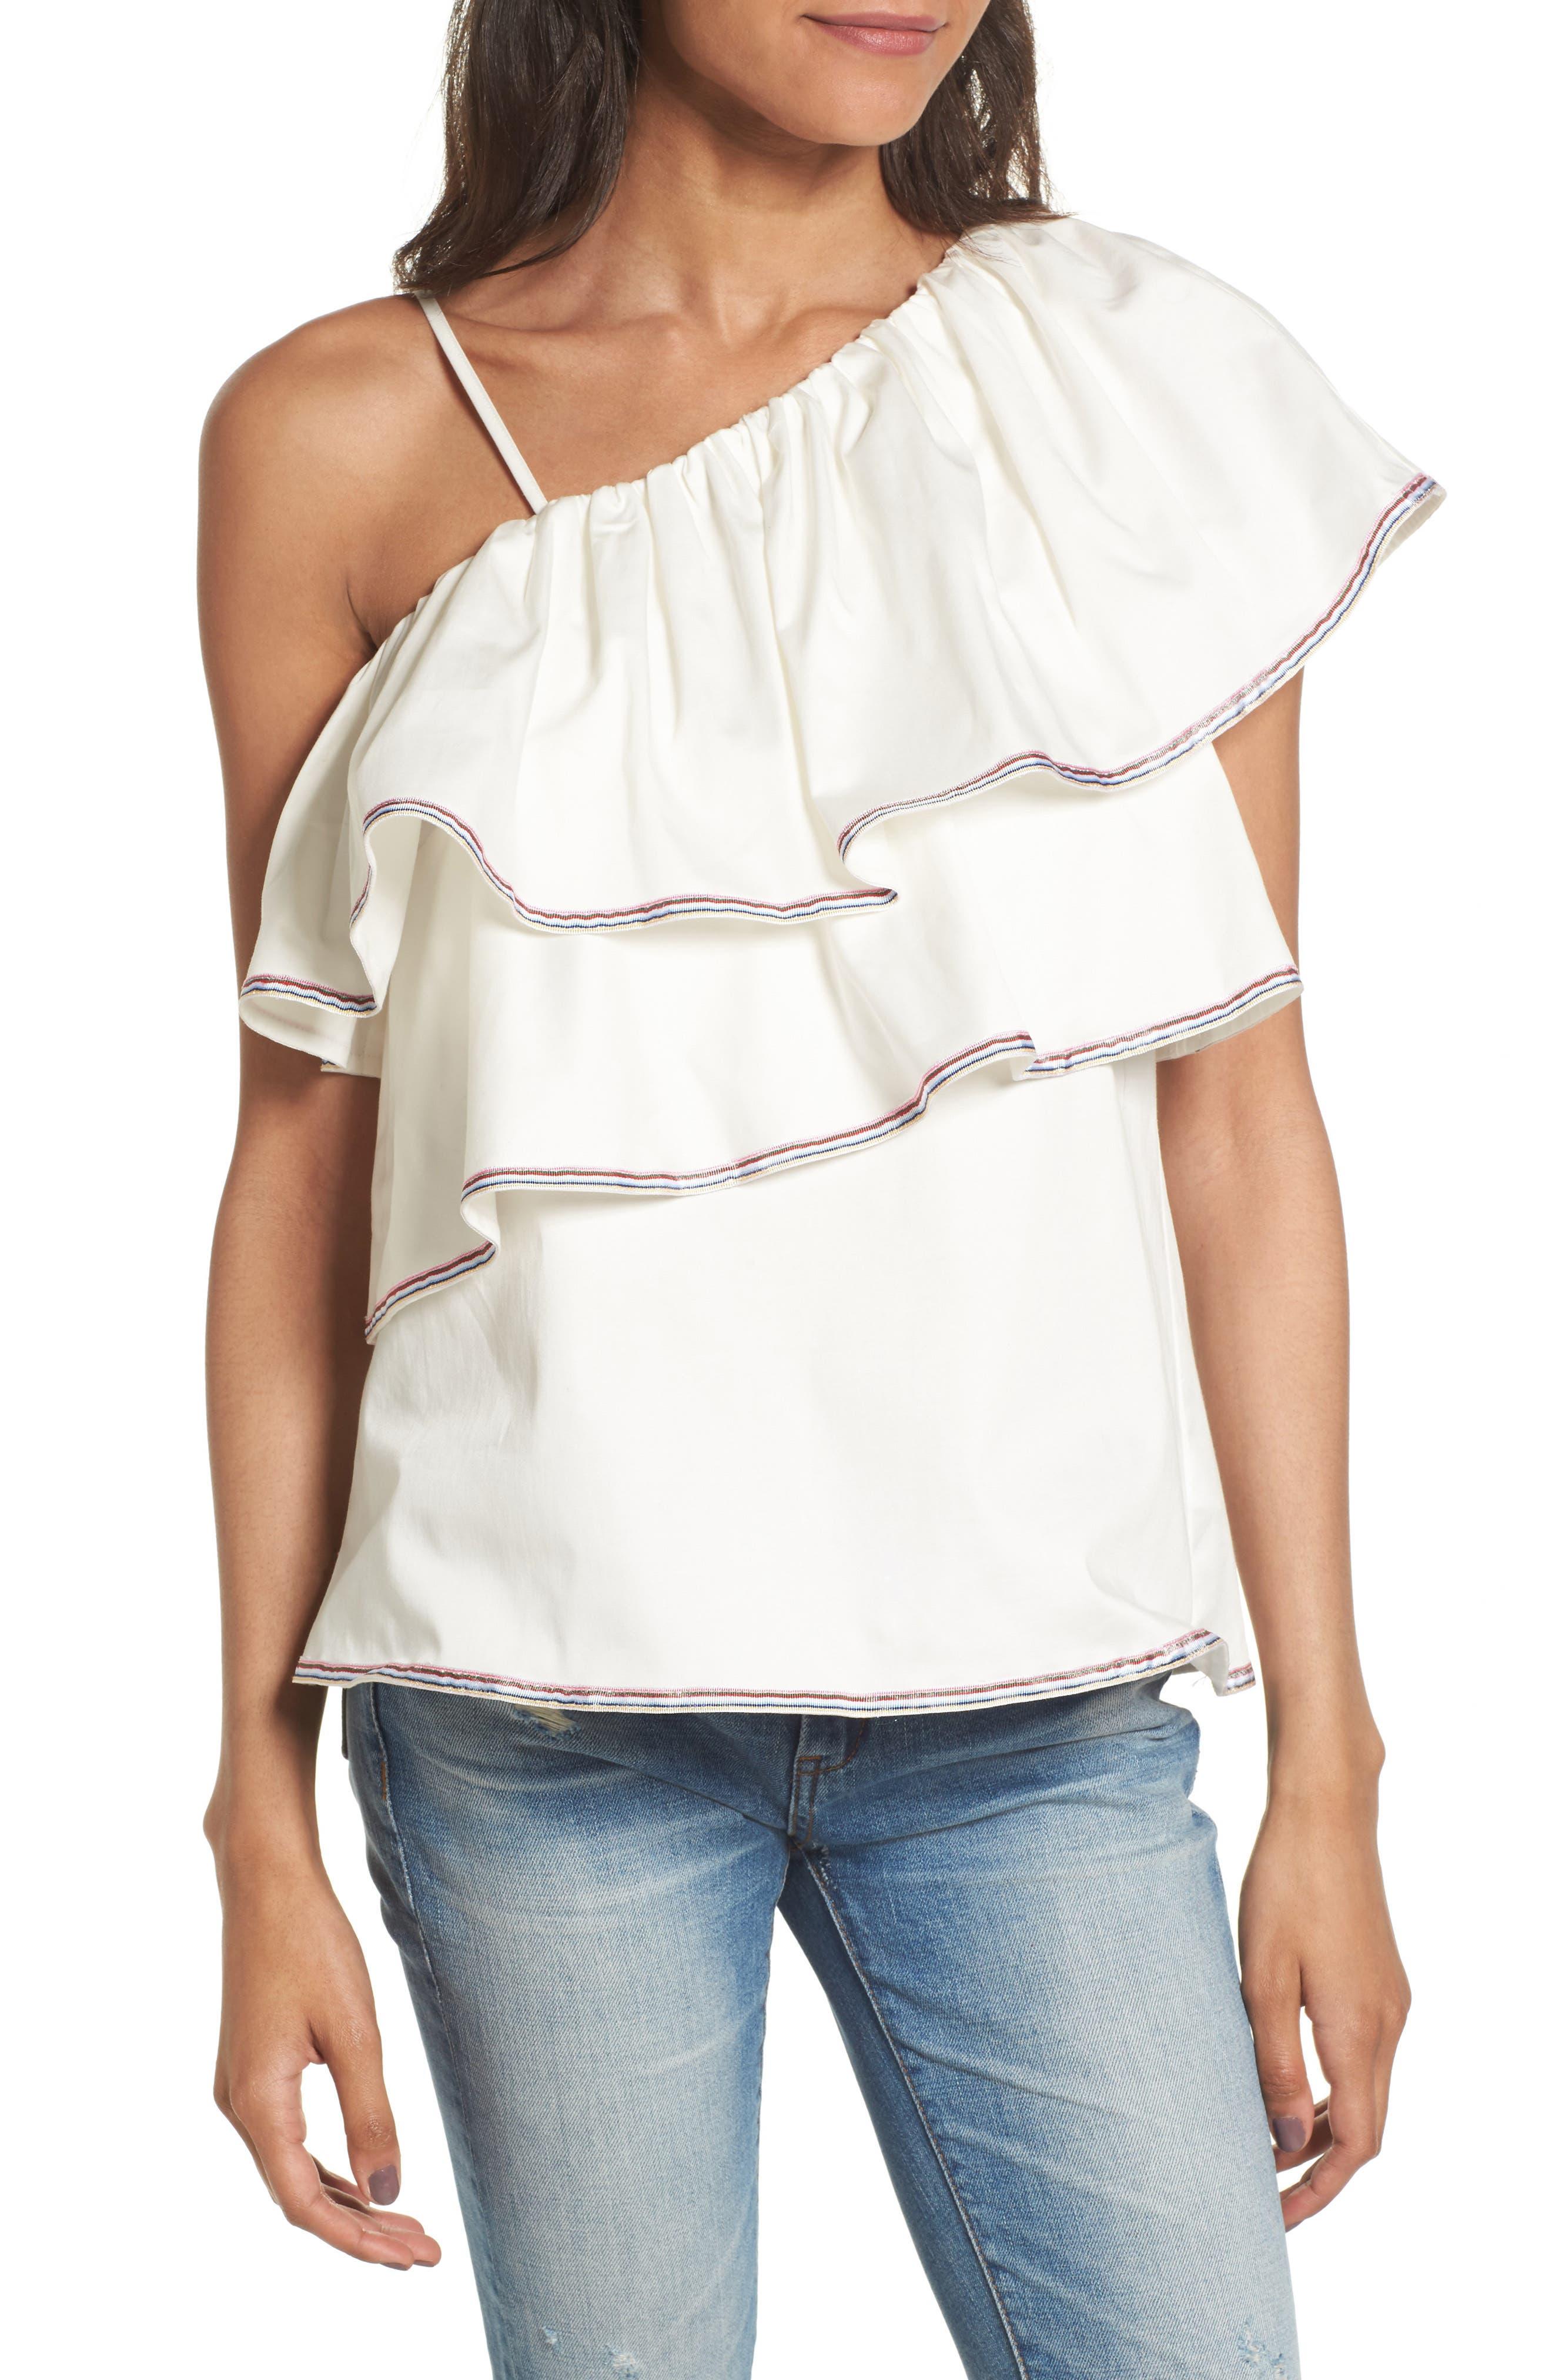 devlin Lauretta One-Shoulder Top